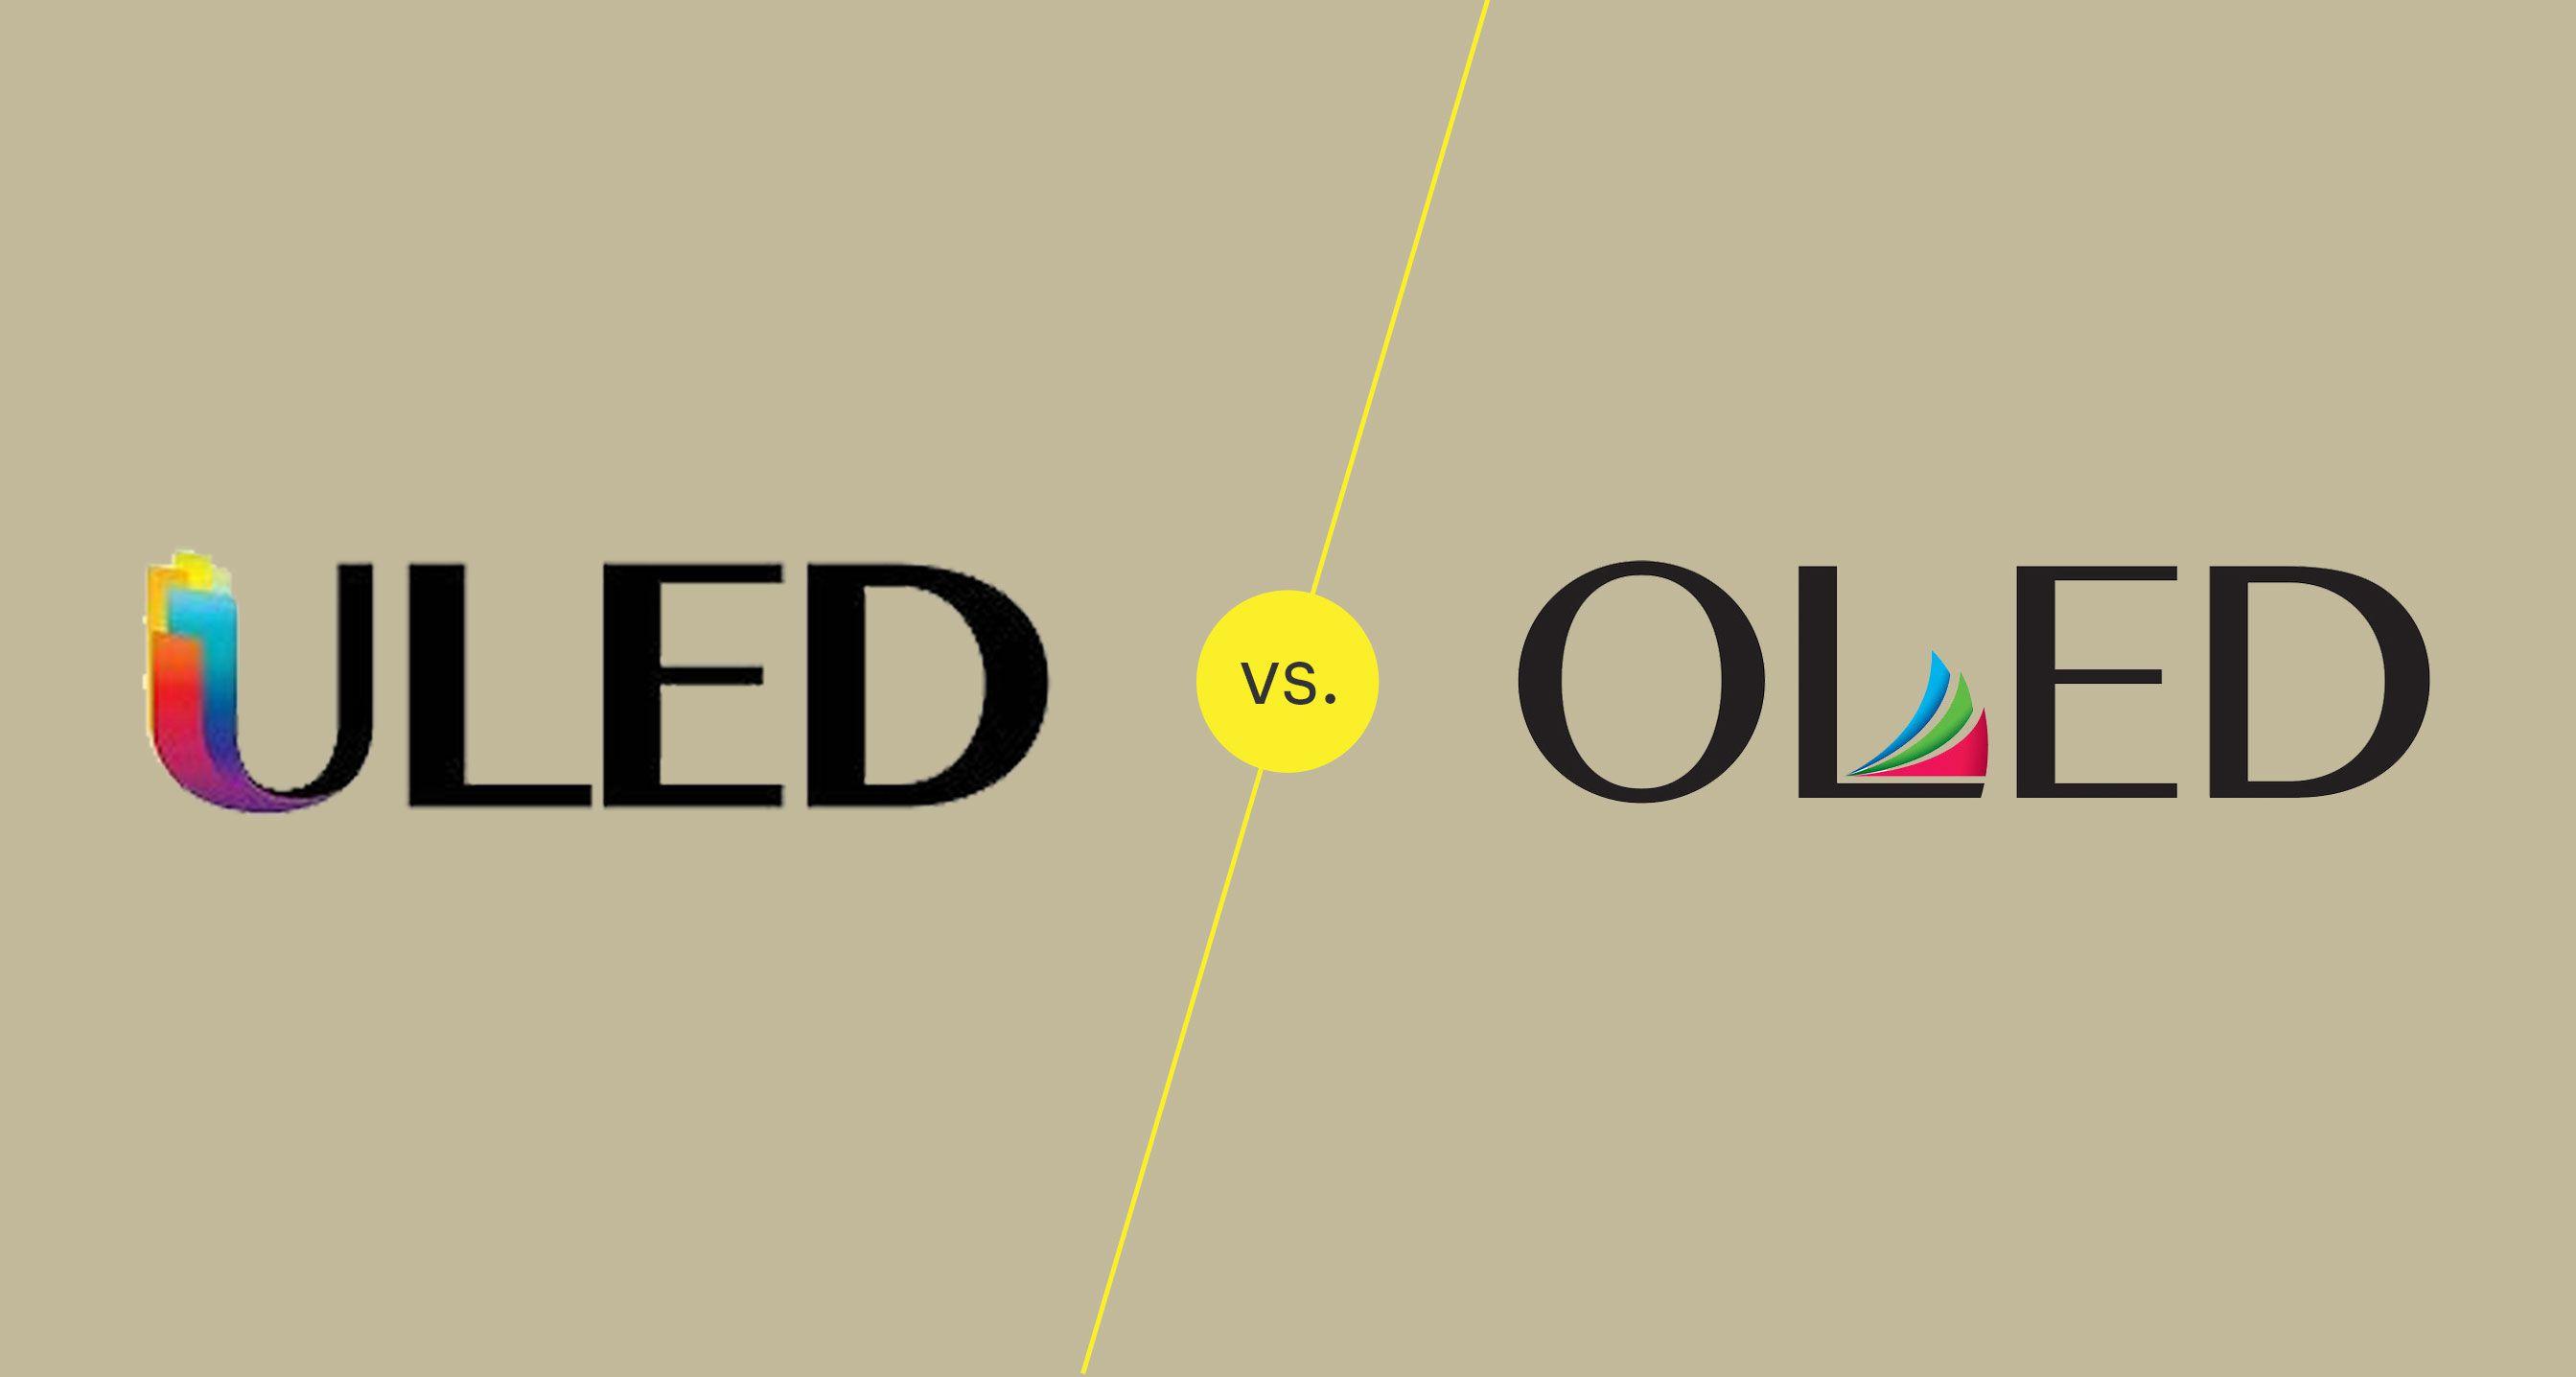 ULED vs OLED